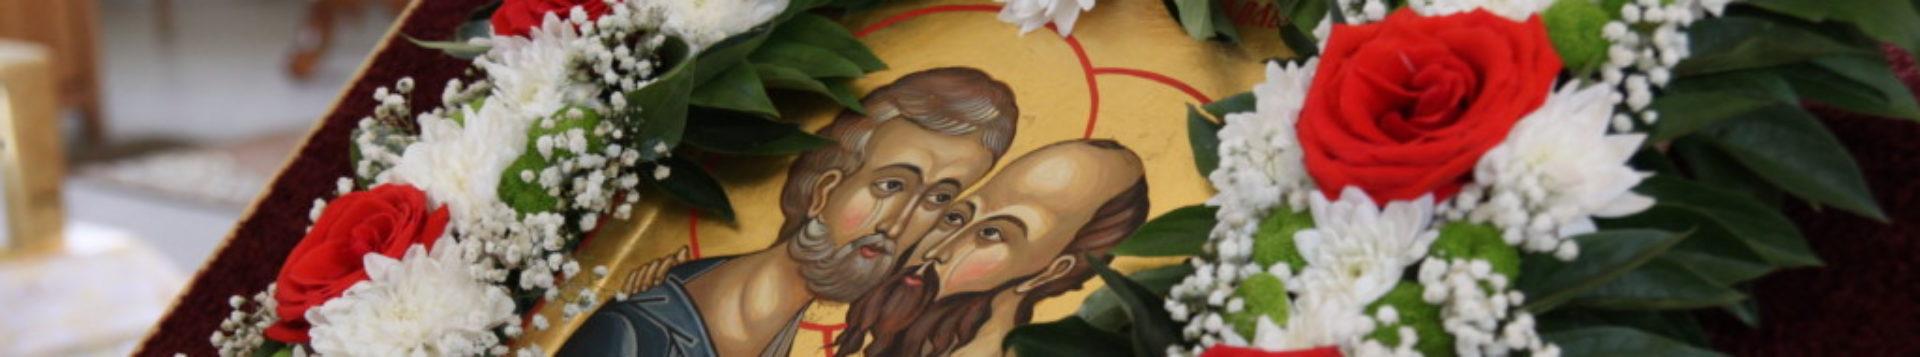 Храм  святых первоверховных апостолов Петра и Павла пгт. Шушенское